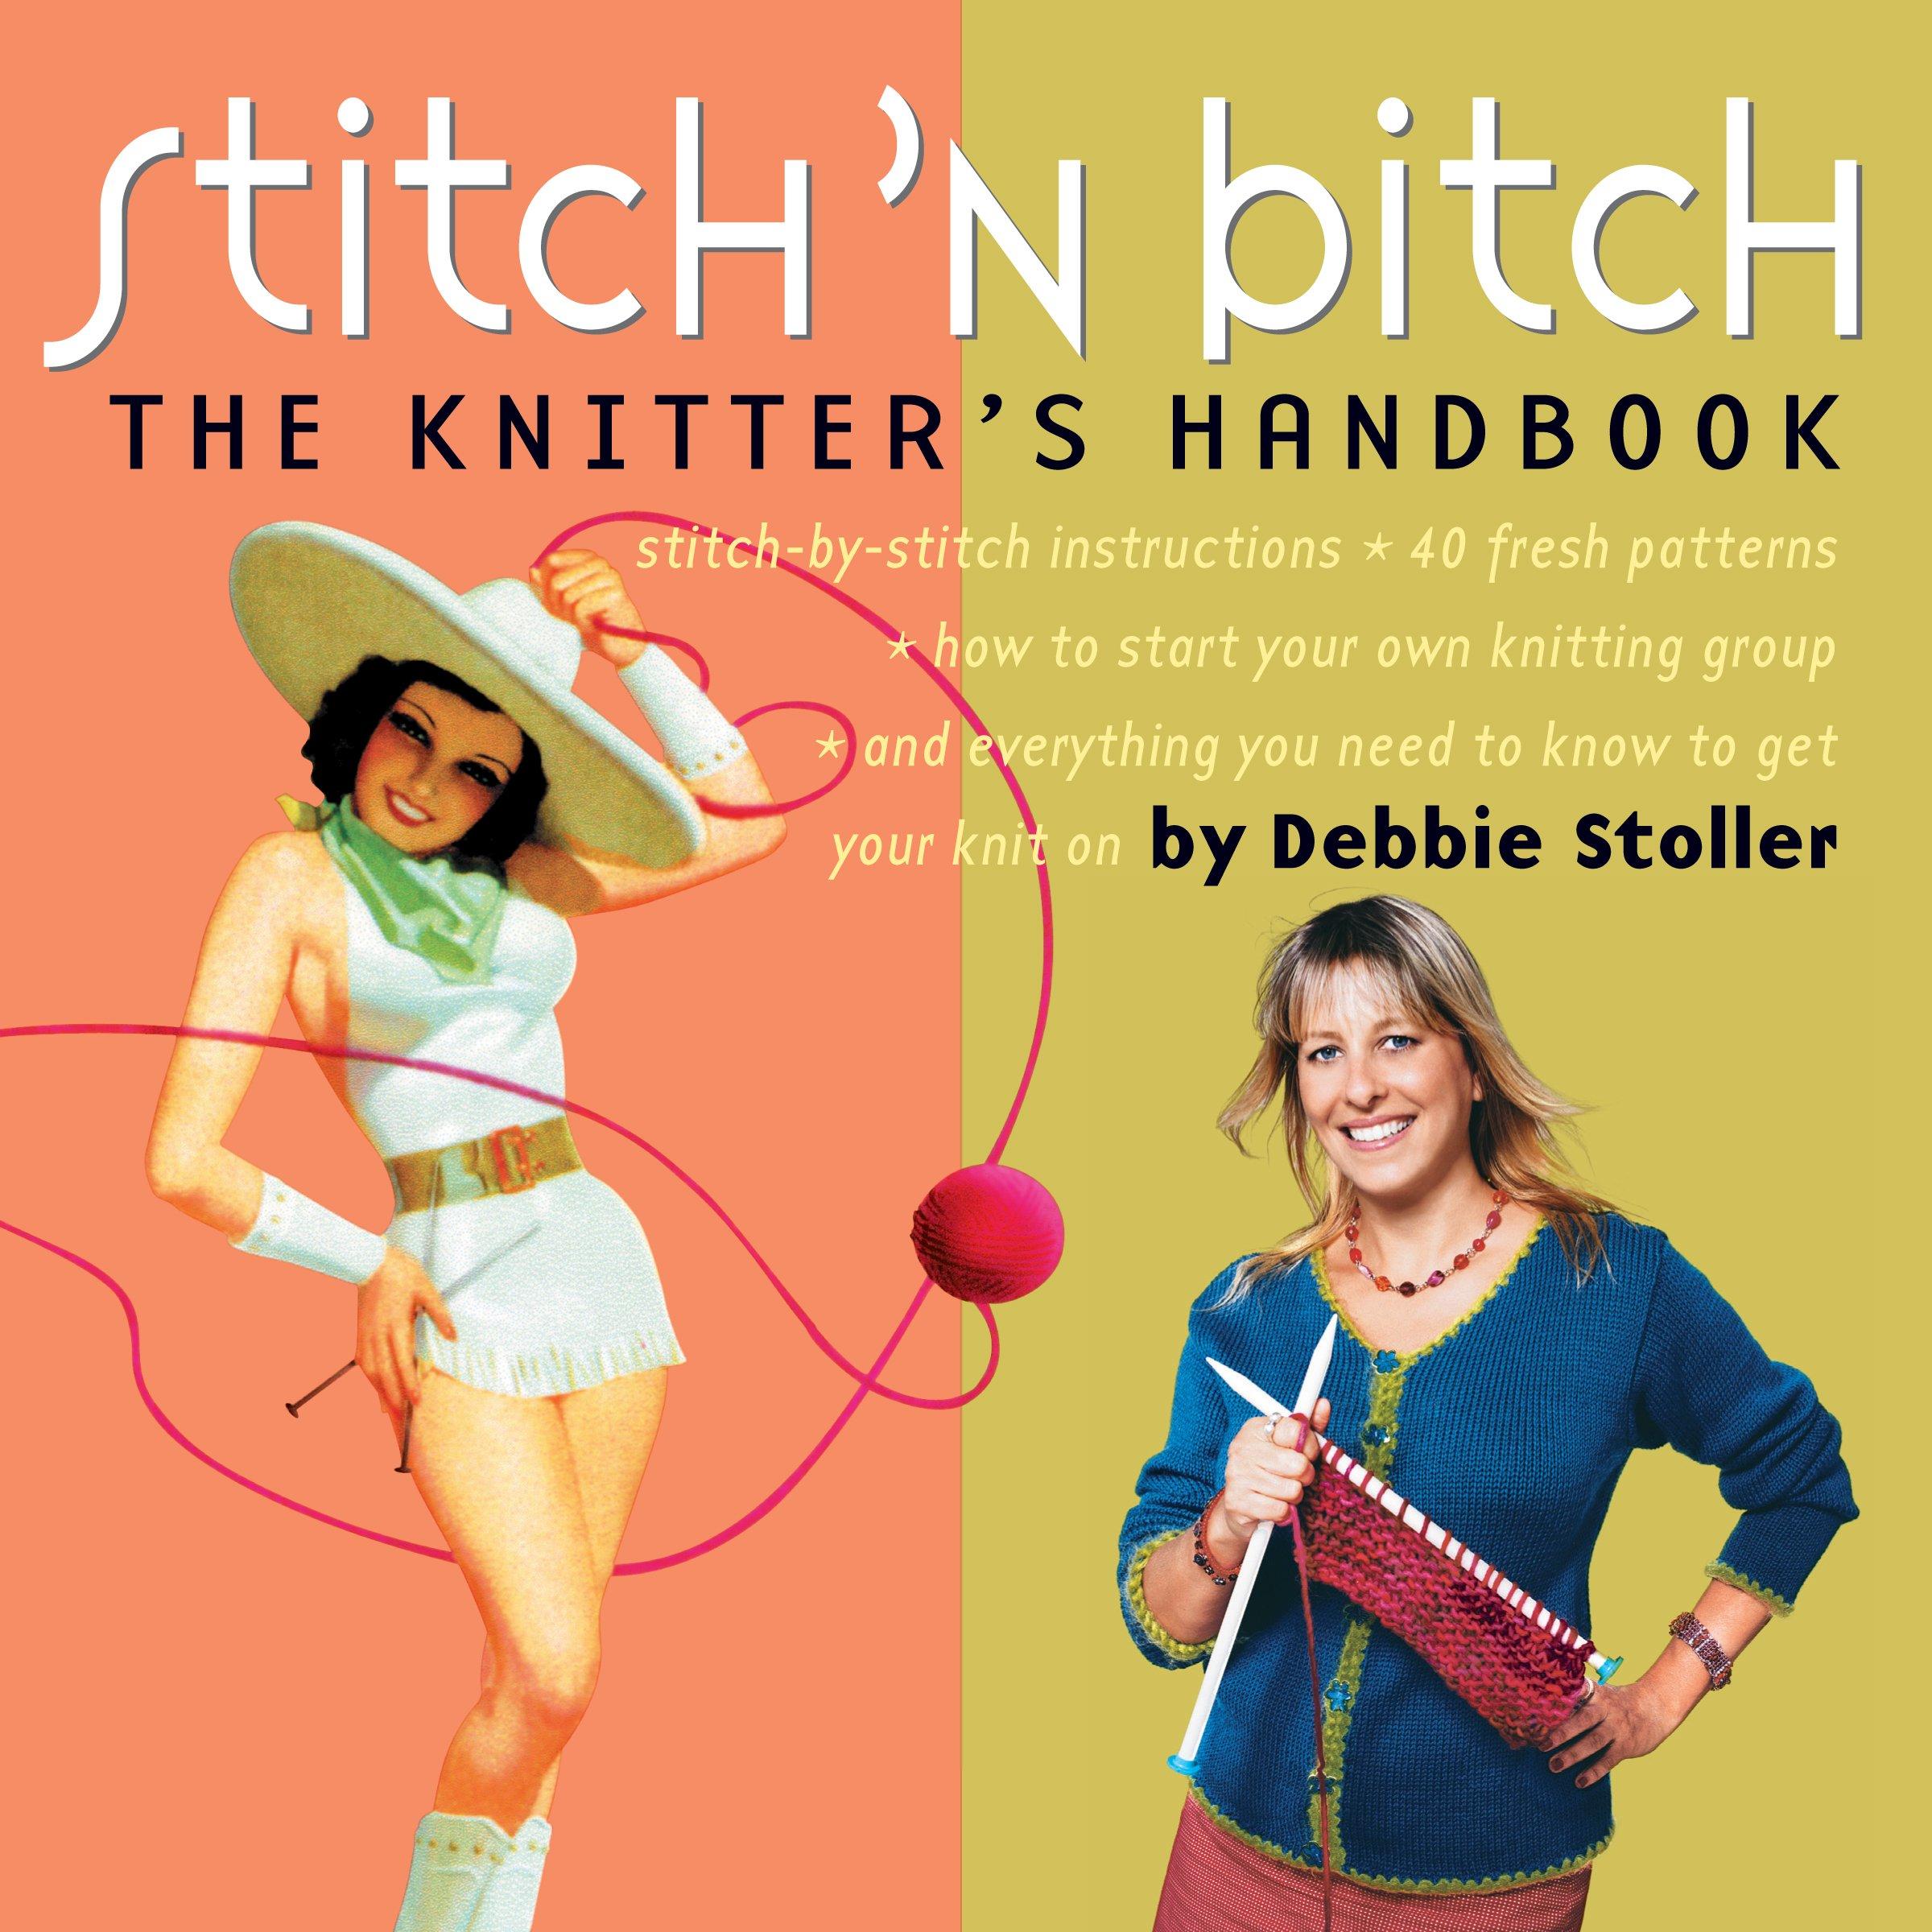 stitch-n-bitch-the-knitter-s-handbook